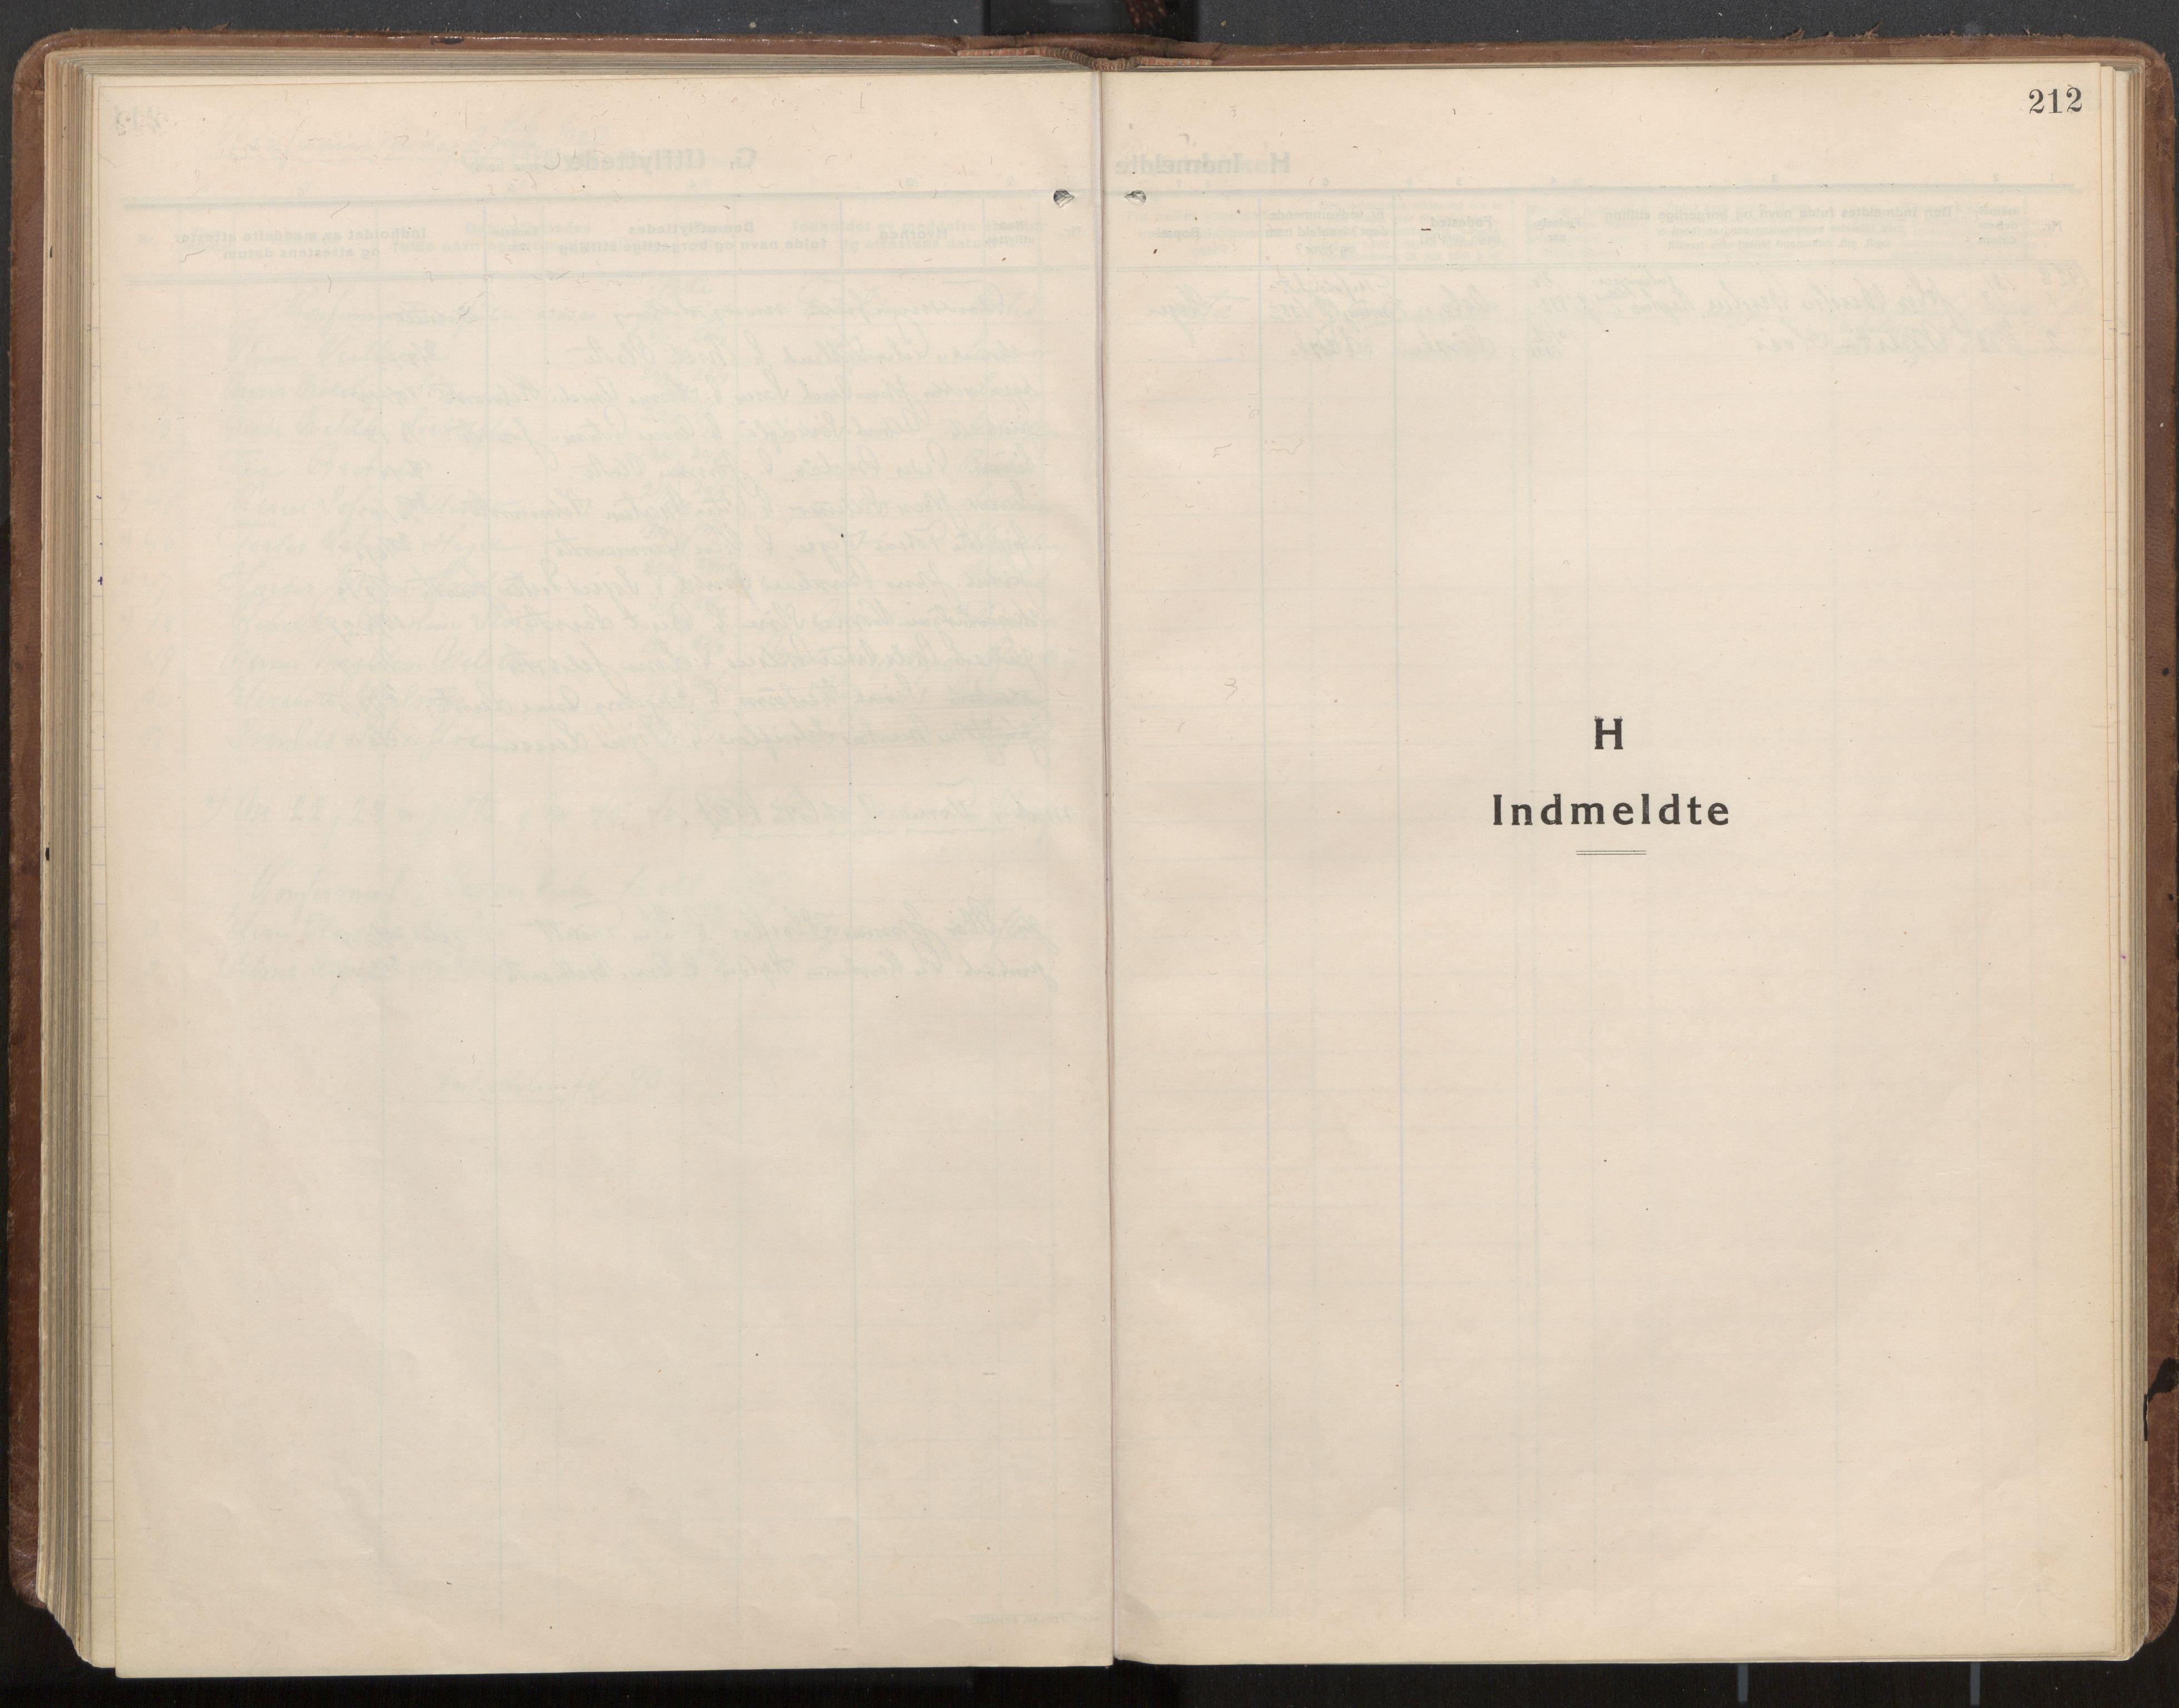 SAT, Ministerialprotokoller, klokkerbøker og fødselsregistre - Nord-Trøndelag, 703/L0037: Parish register (official) no. 703A10, 1915-1932, p. 212